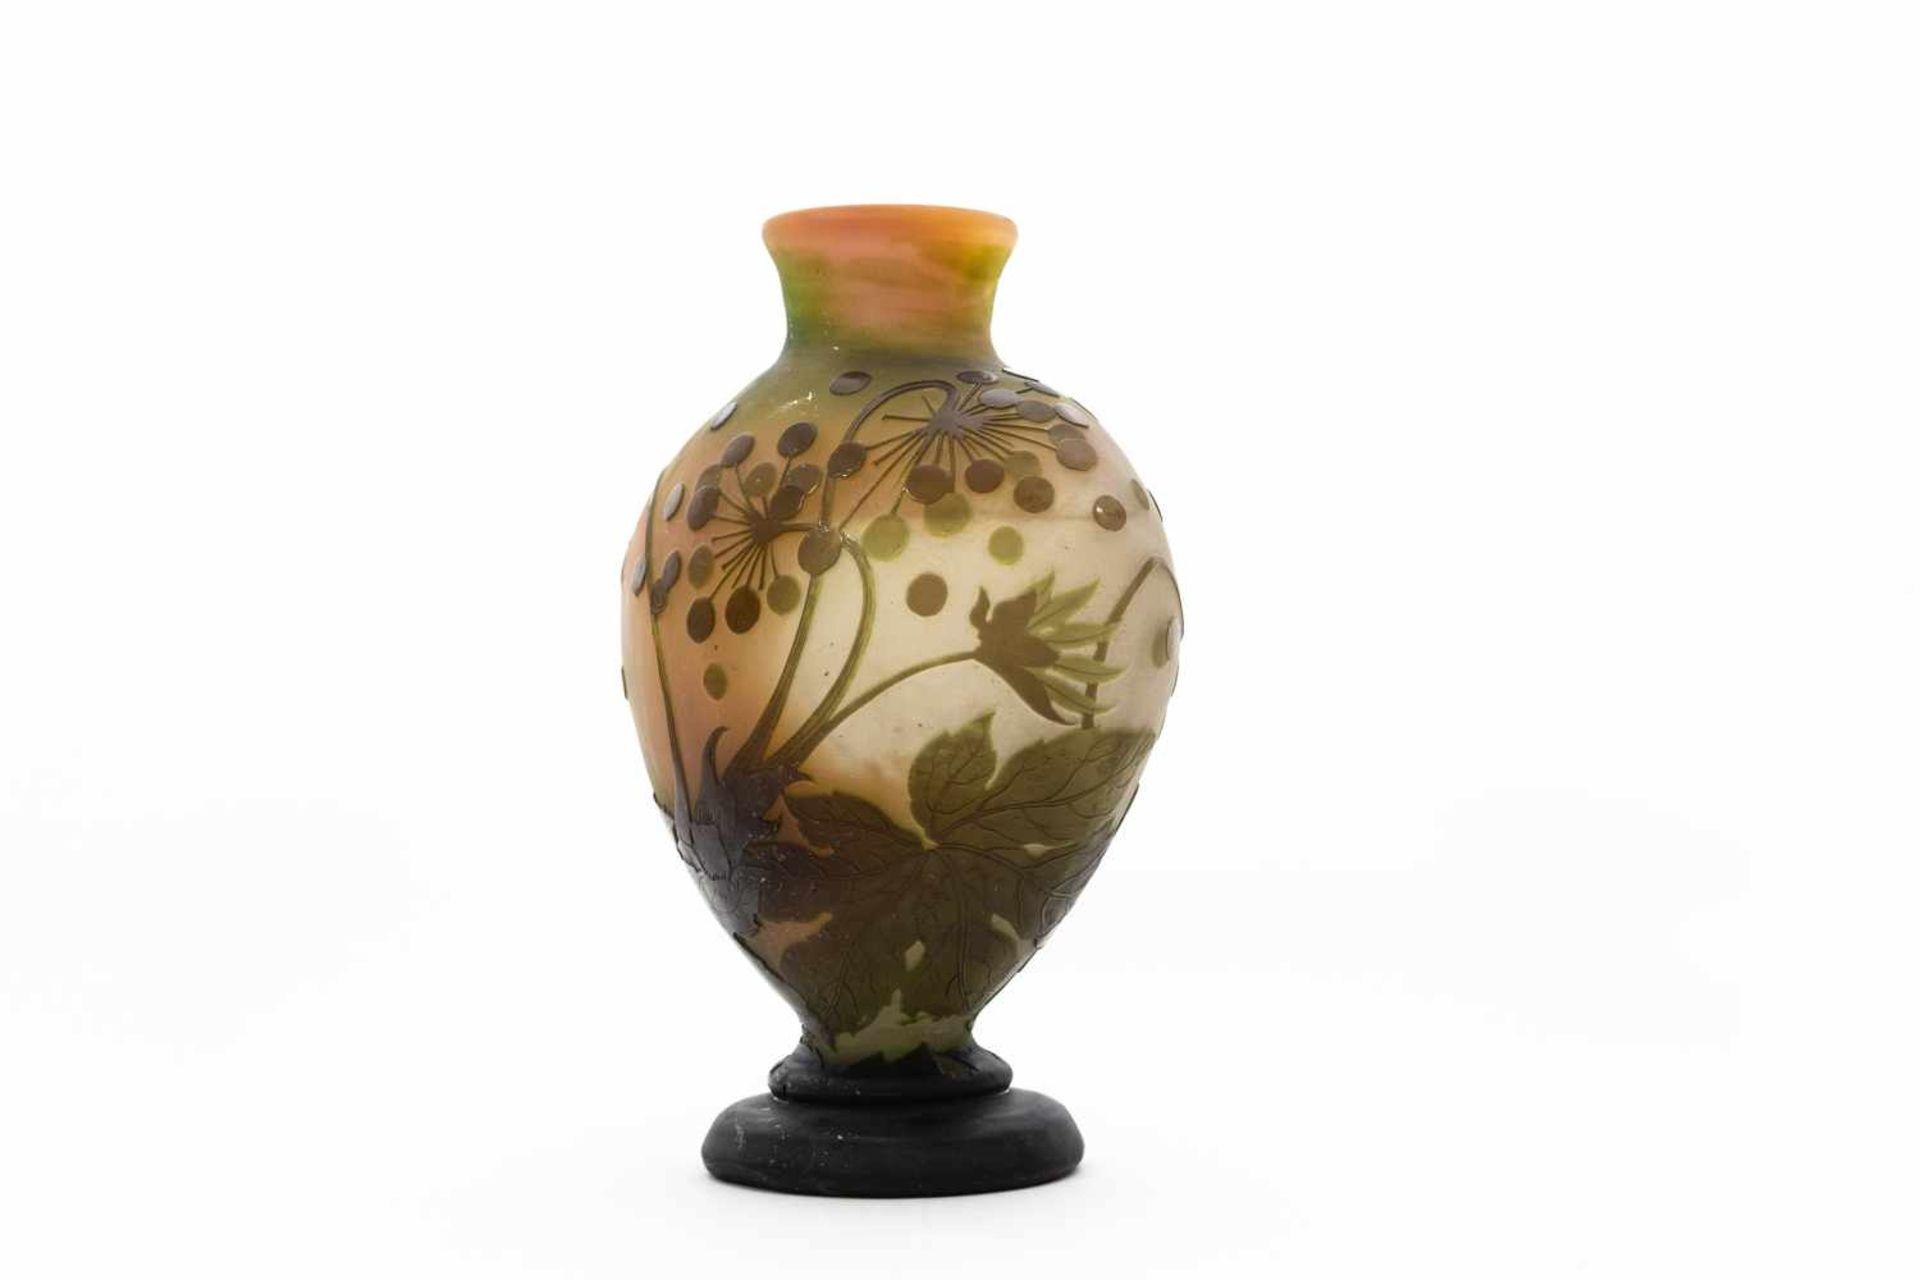 Gallé Vase um 1900Blüten und Blätter Dekor, 4 farbig geätzt und geschliffen, Höhe 32 cm - Bild 2 aus 3